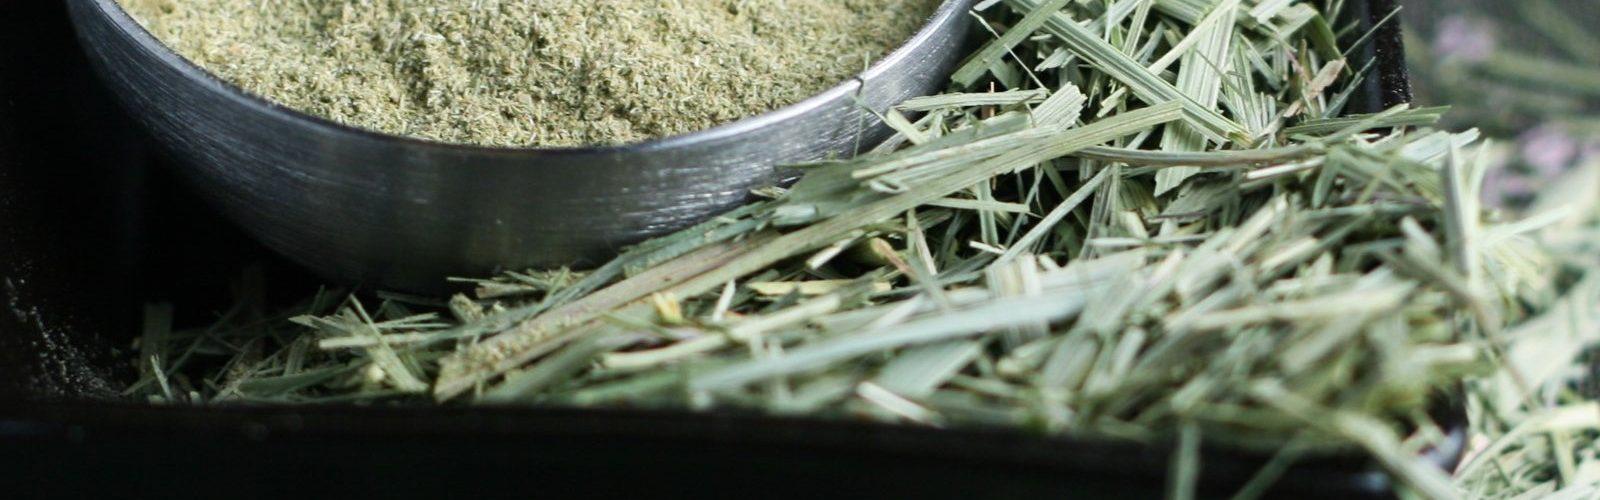 drying lemongrass